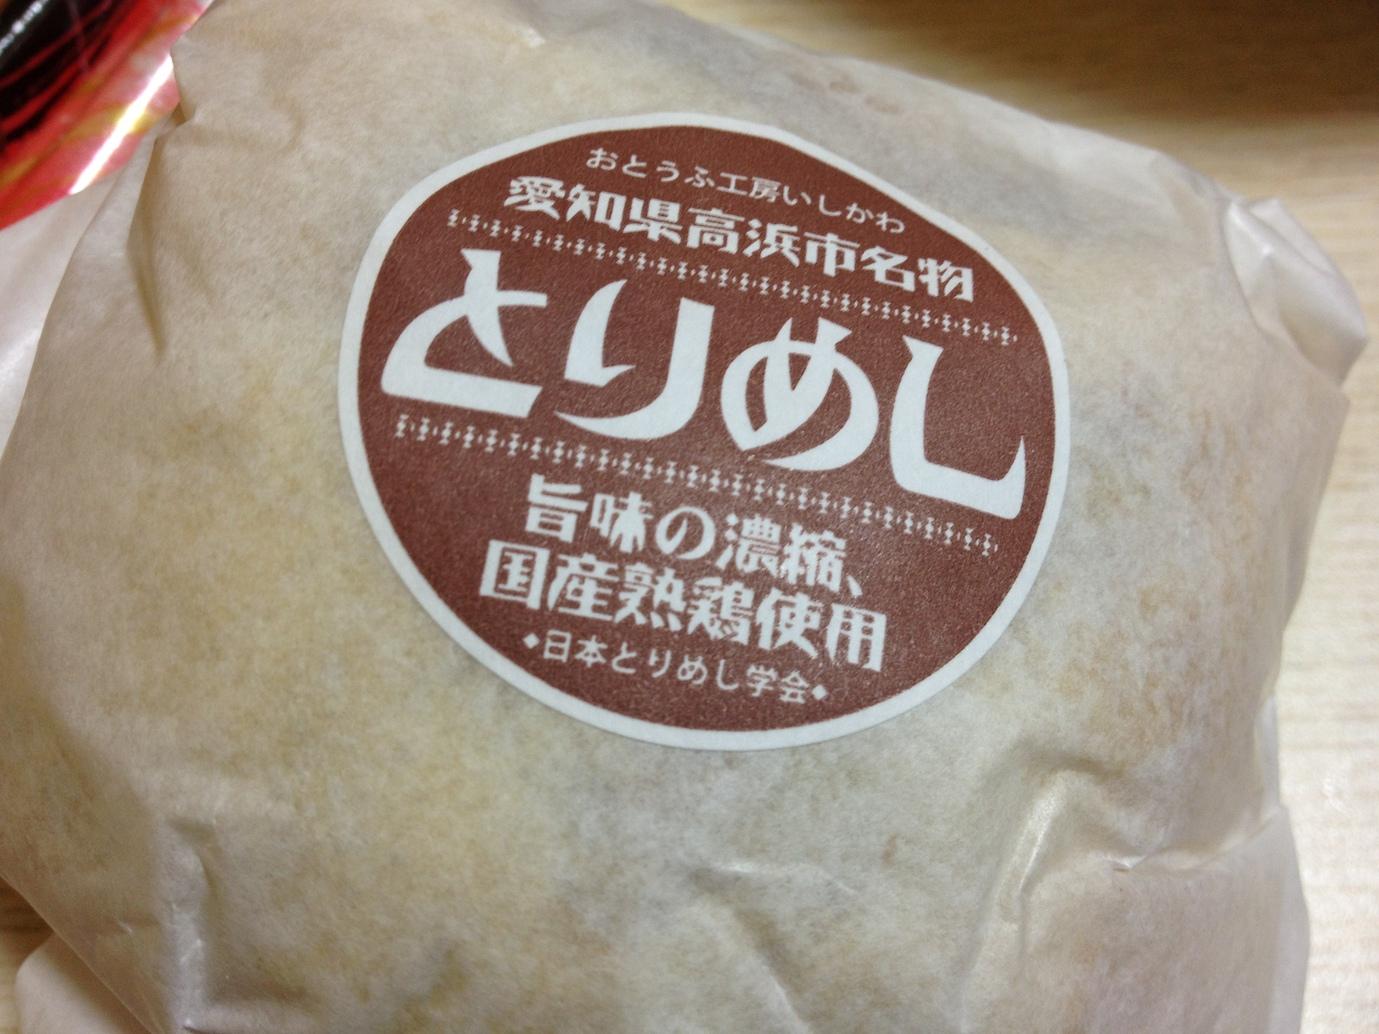 とうふや豆蔵 刈谷銀座店